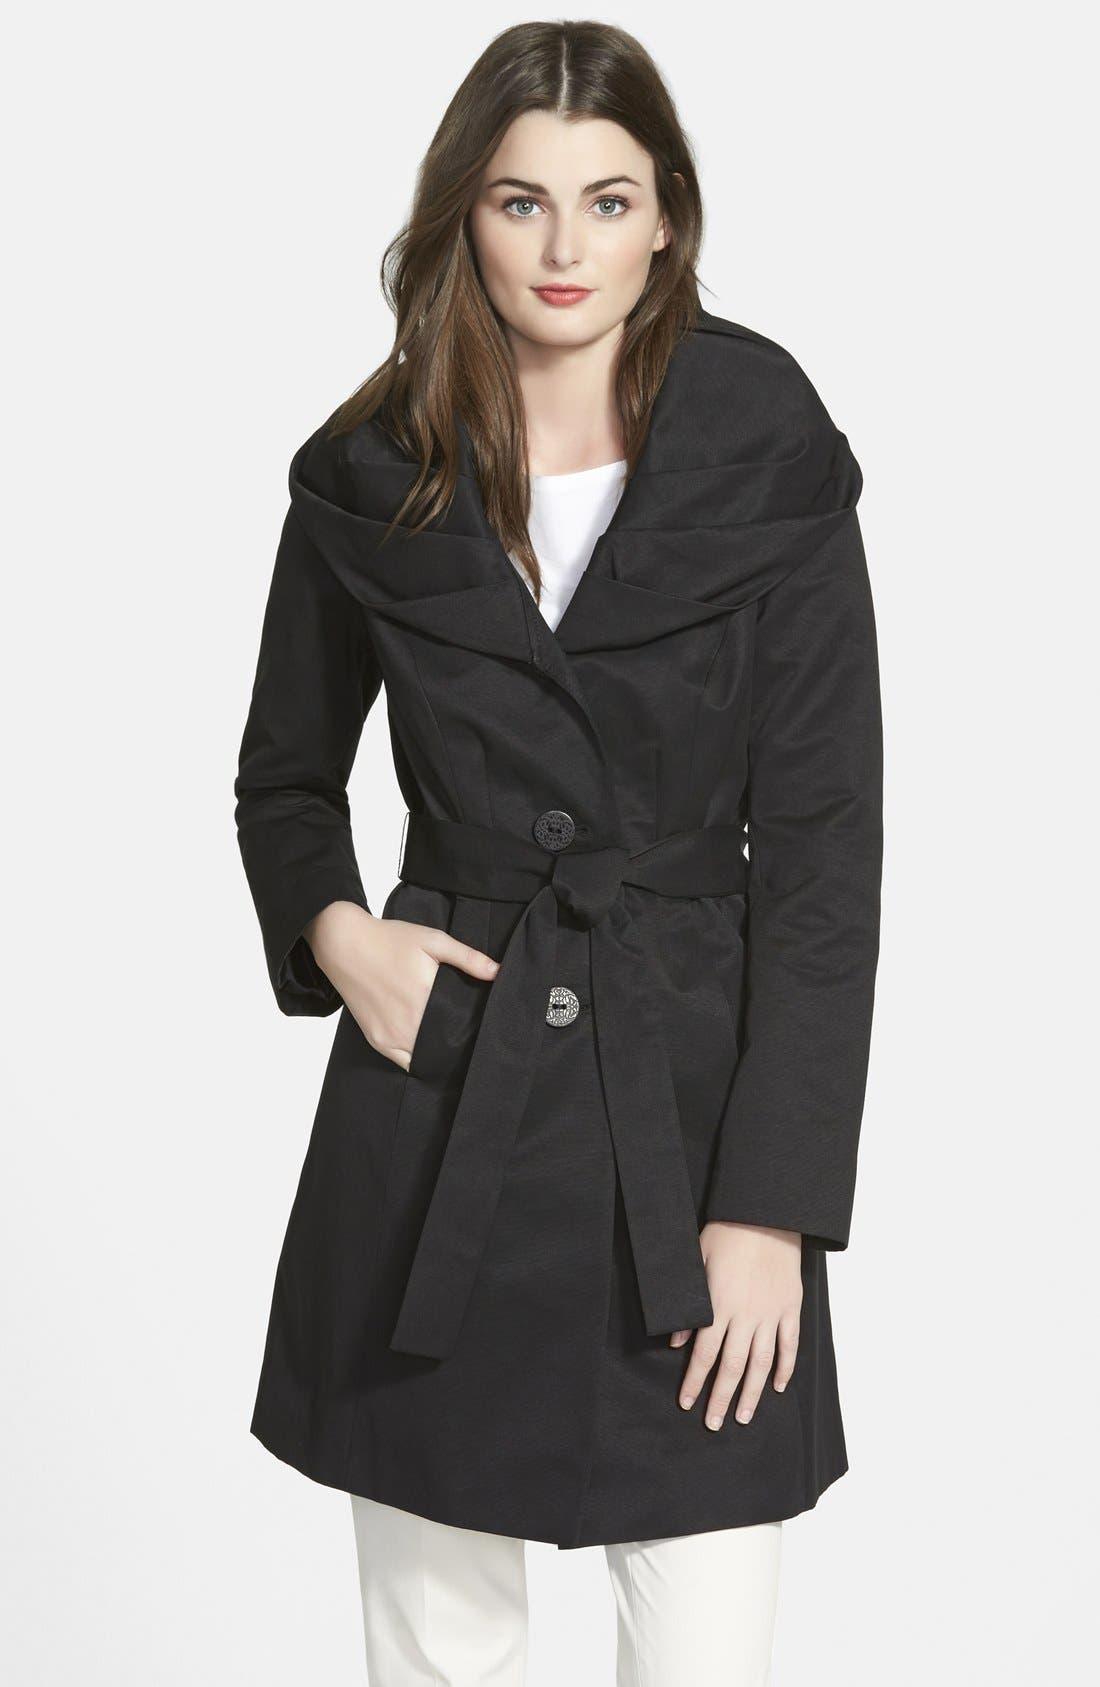 Alternate Image 1 Selected - T Tahari 'Cheryl' Trench Coat